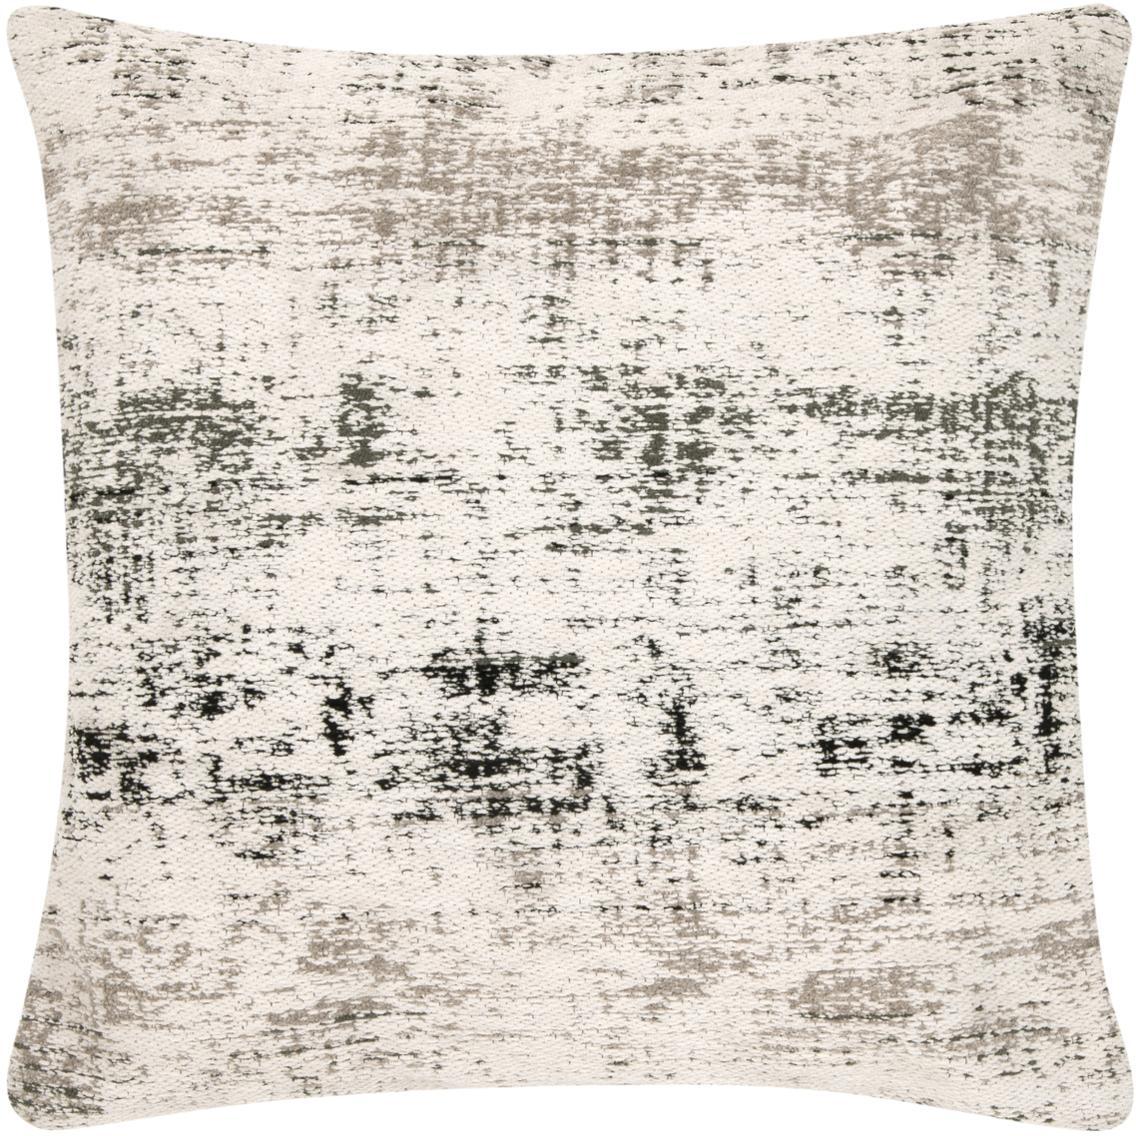 Funda de cojín Corinne, estilo vintage, Parte delantera: 90%algodón, 10%poliéste, Parte trasera: 100%algodón, Blanco crema, negro, gris, An 45 x L 45 cm